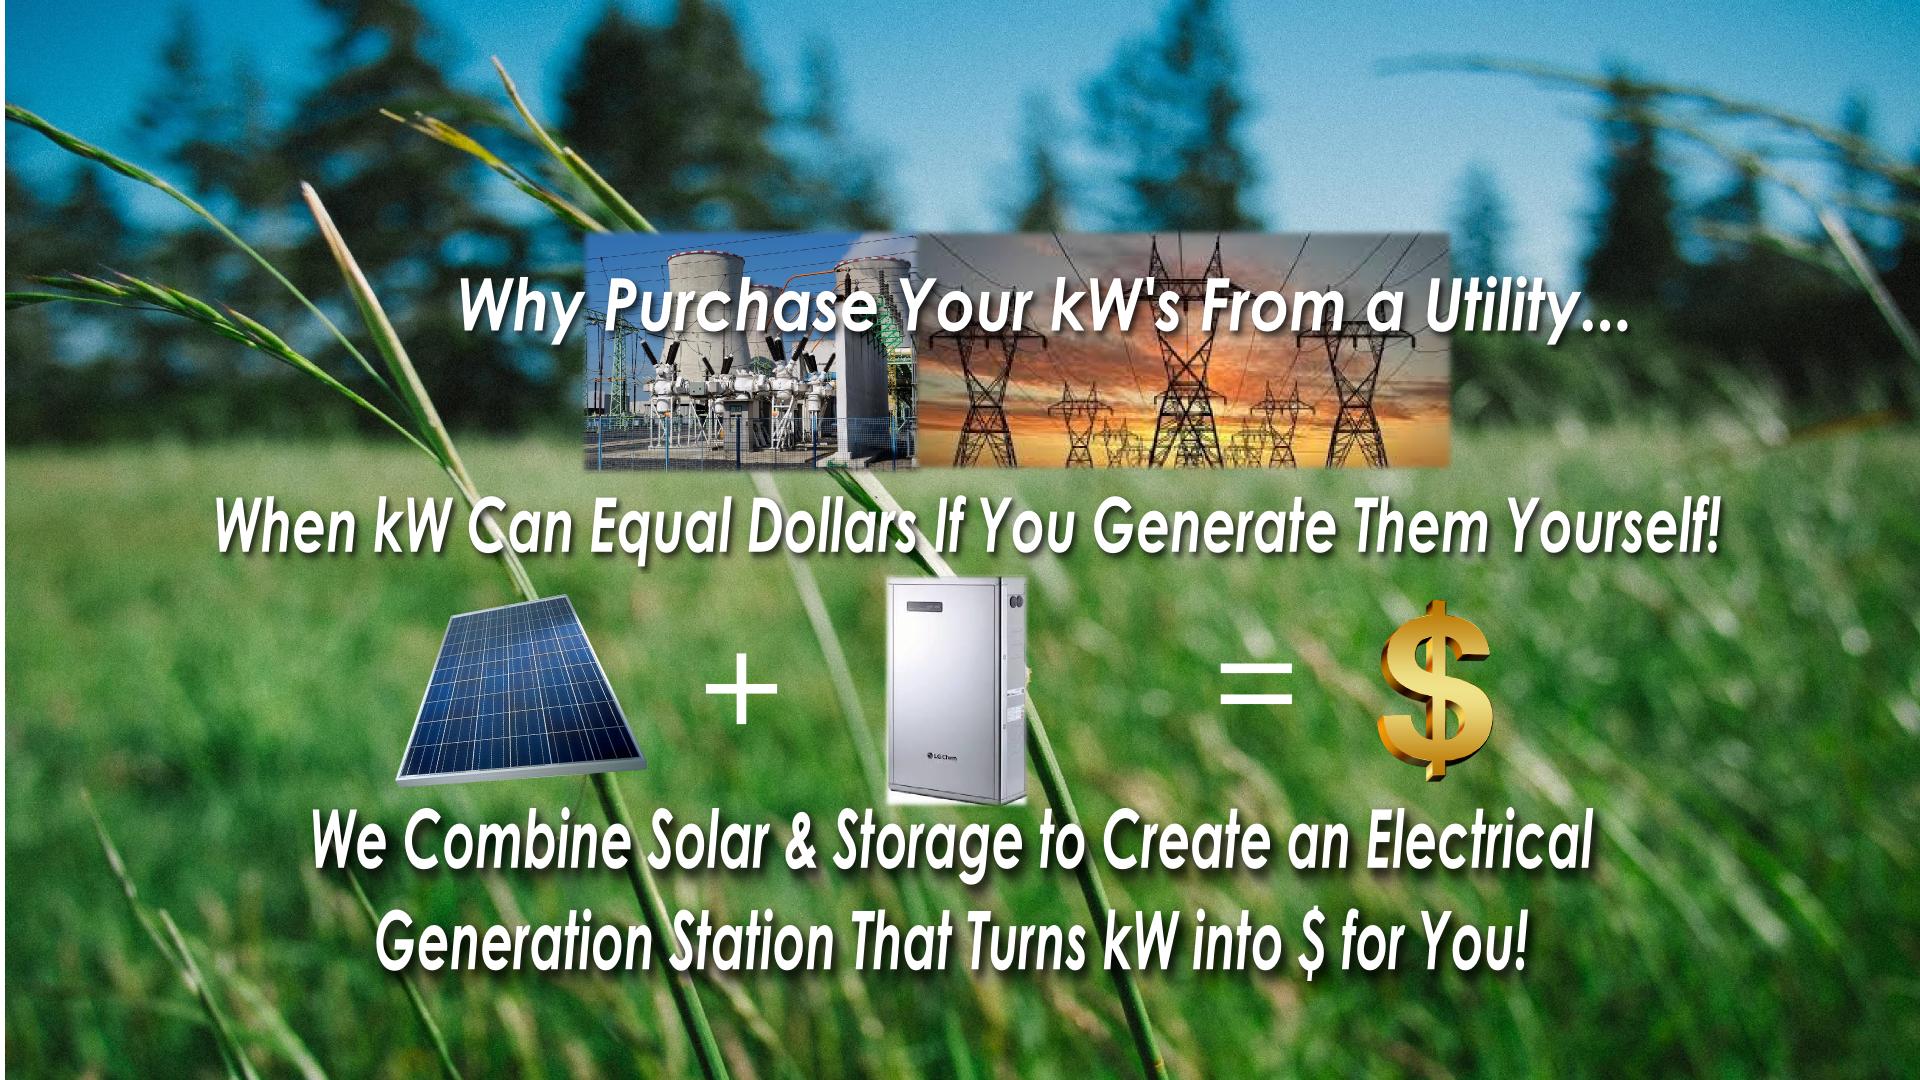 solar energy, solar power